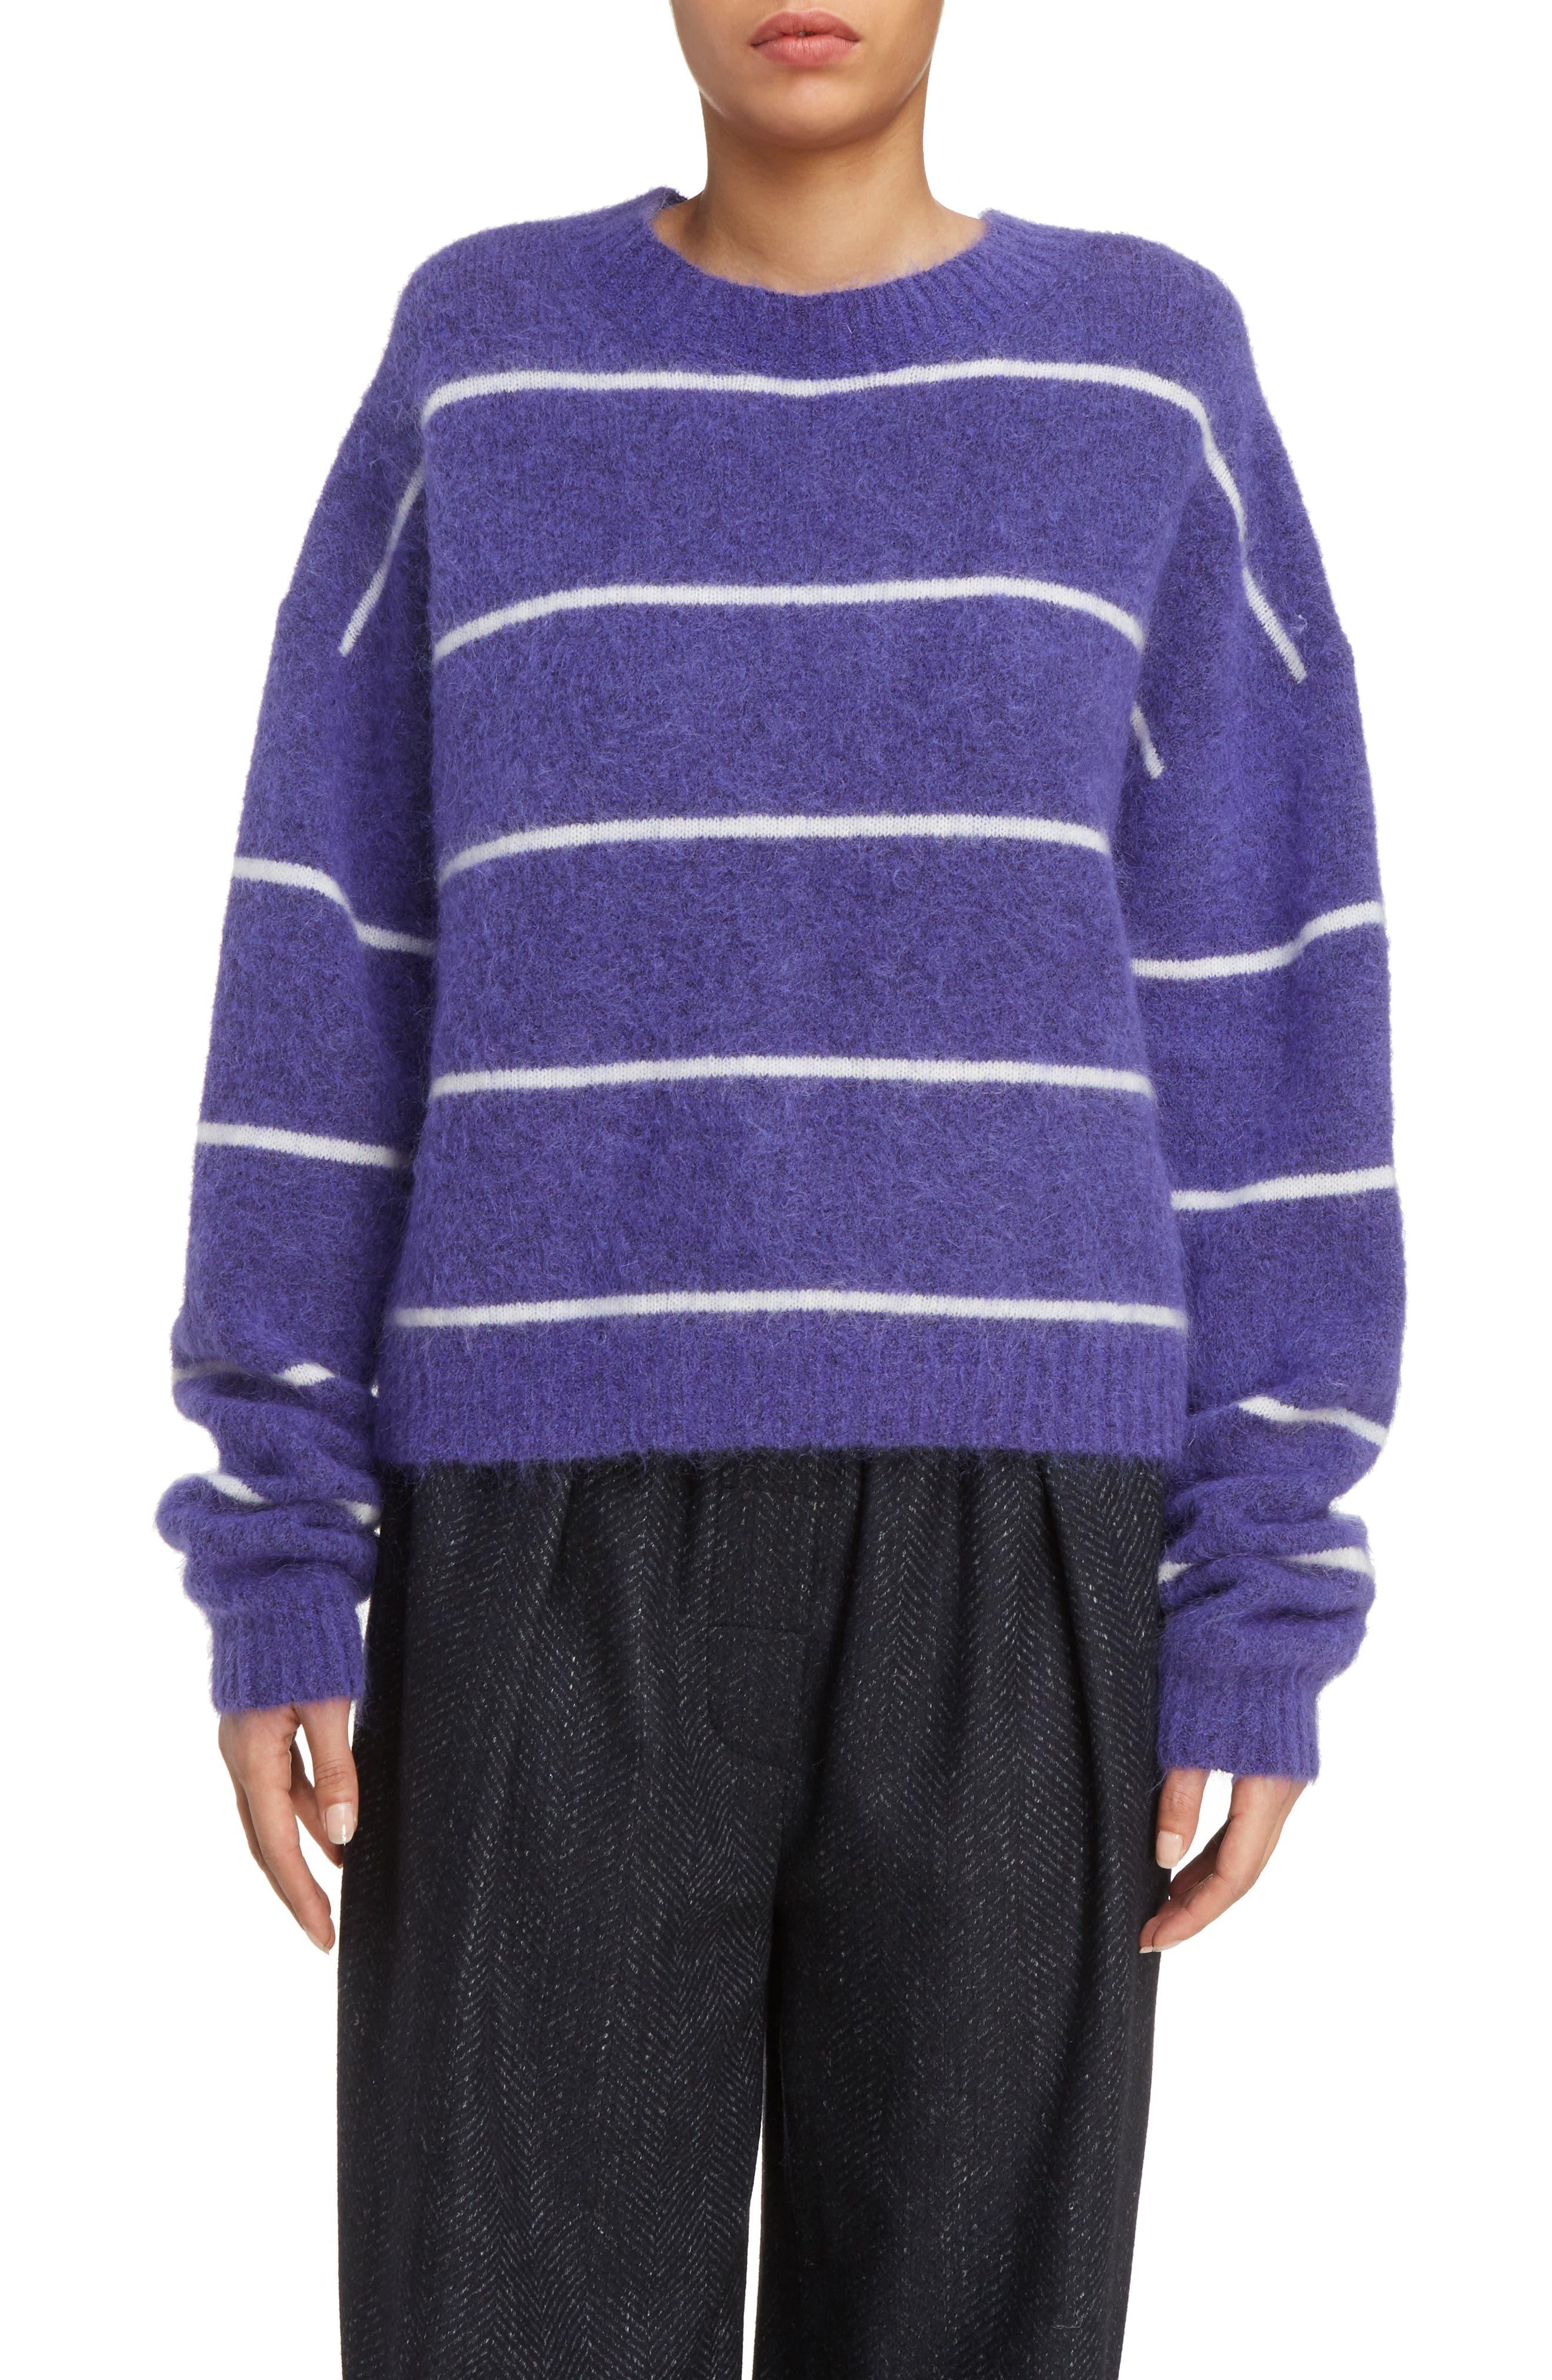 Rhira Stripe Crewneck Sweater,                         Main,                         color, Violet/ White Stripe